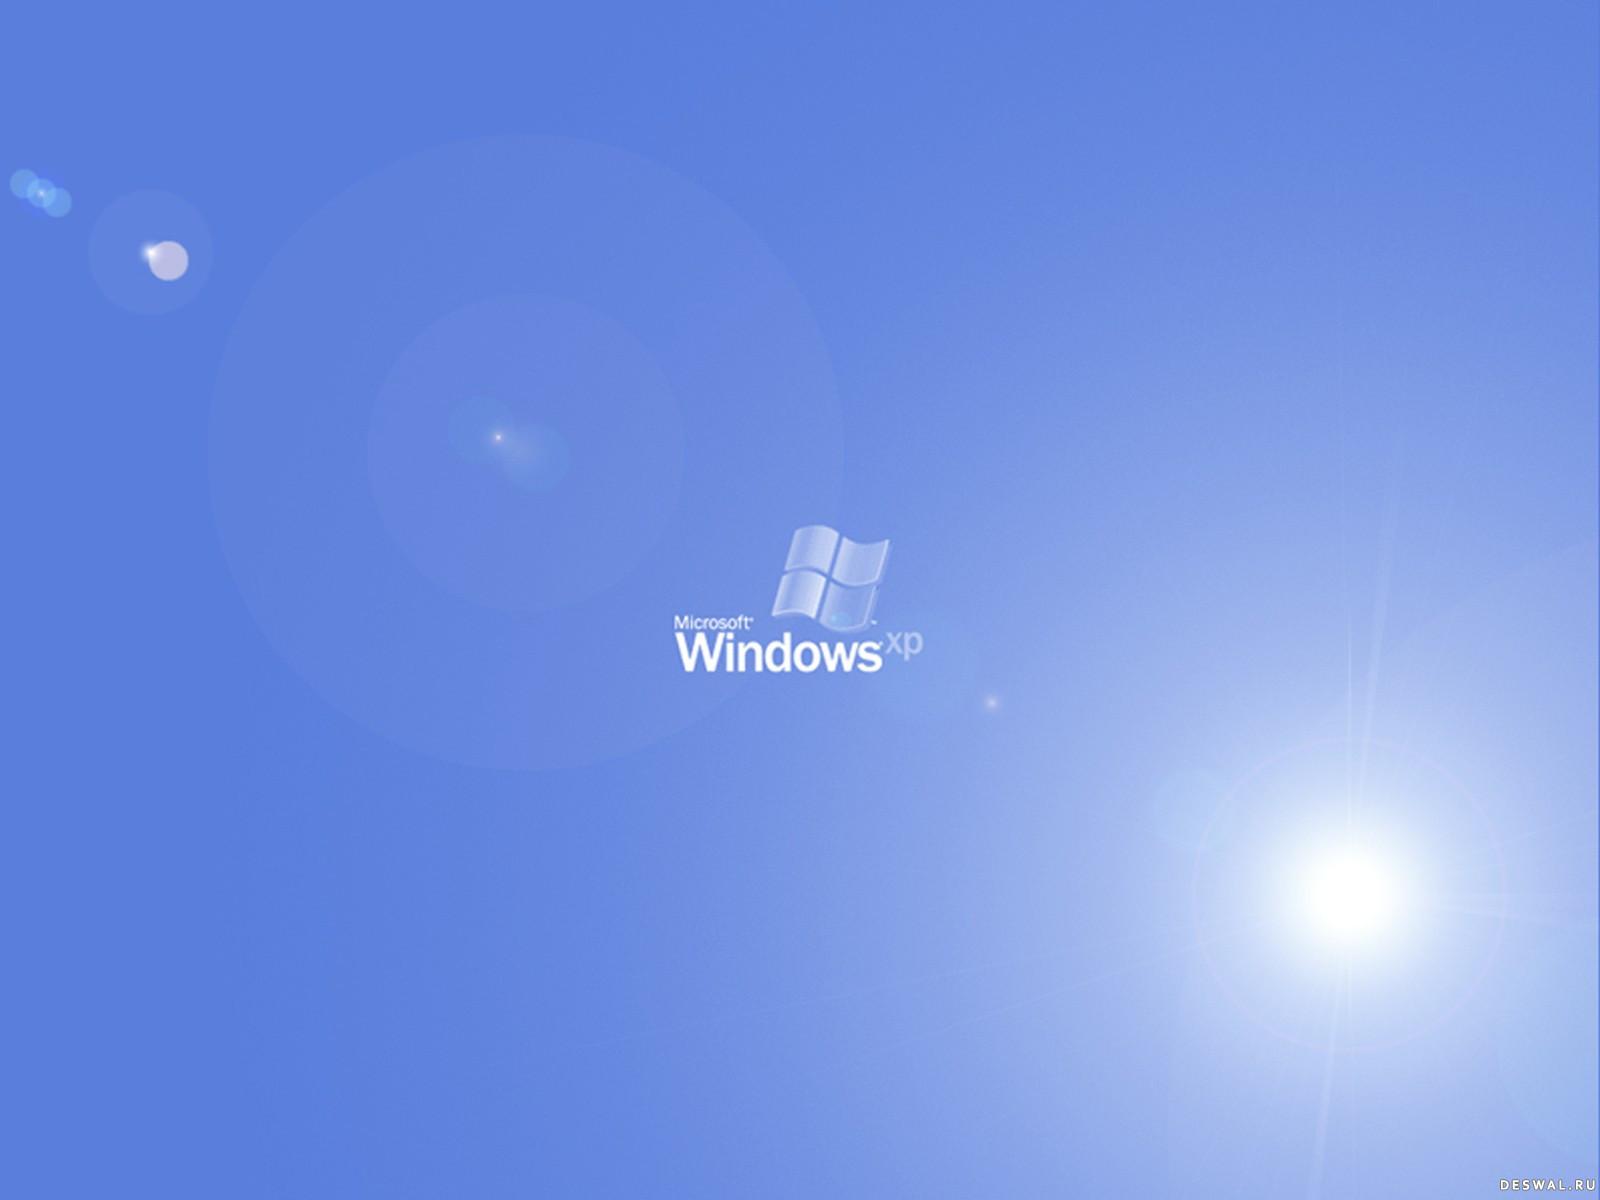 Фото 91. Нажмите на картинку с обоями windows, чтобы просмотреть ее в реальном размере